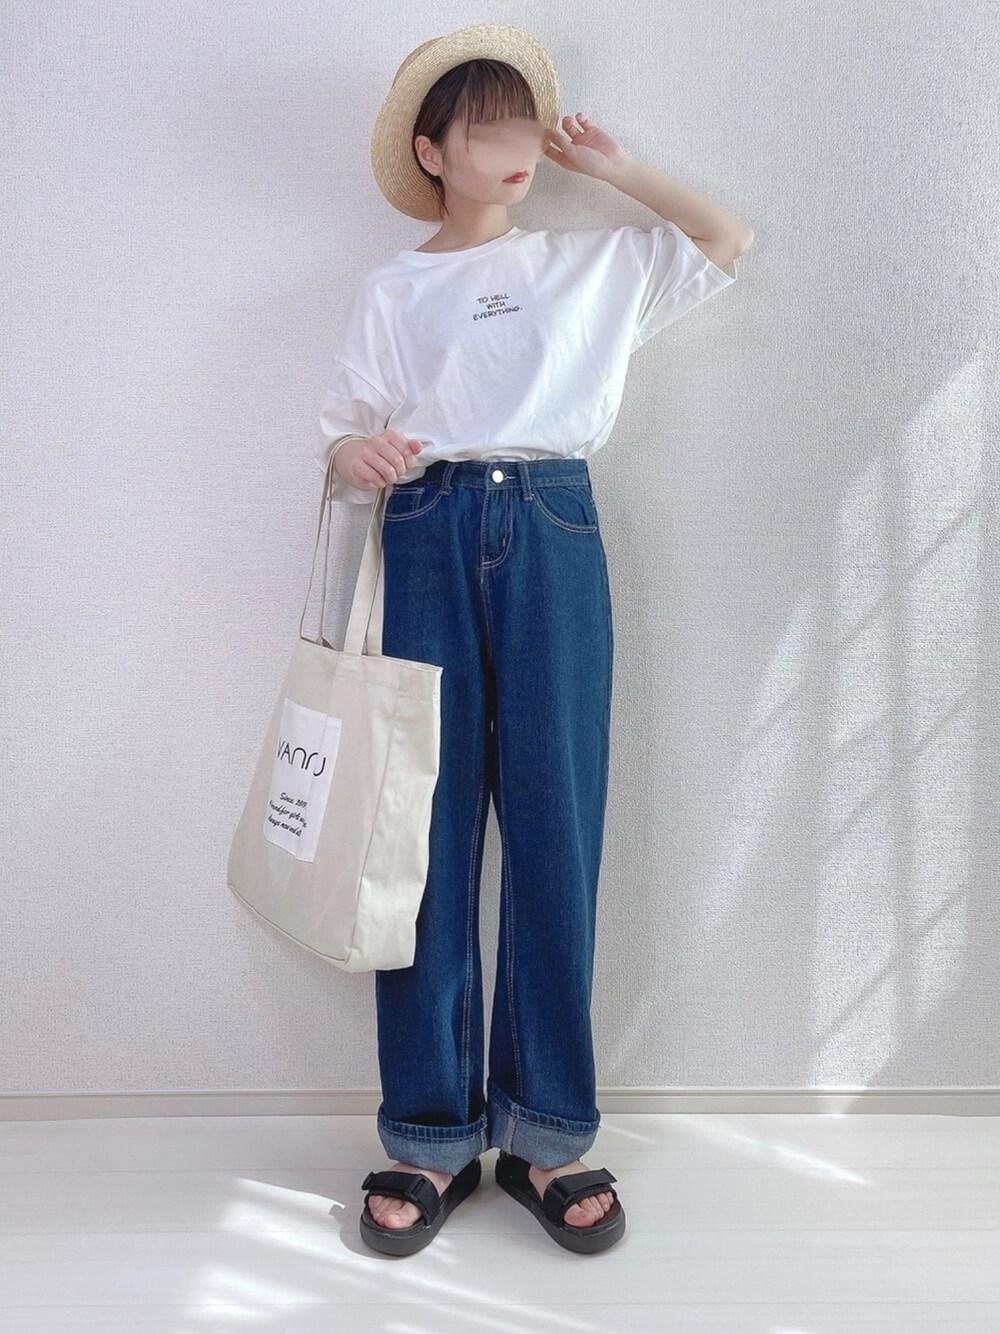 カンカン帽×白のロゴTシャツバ×デニムパンツ×スポーツサンダル